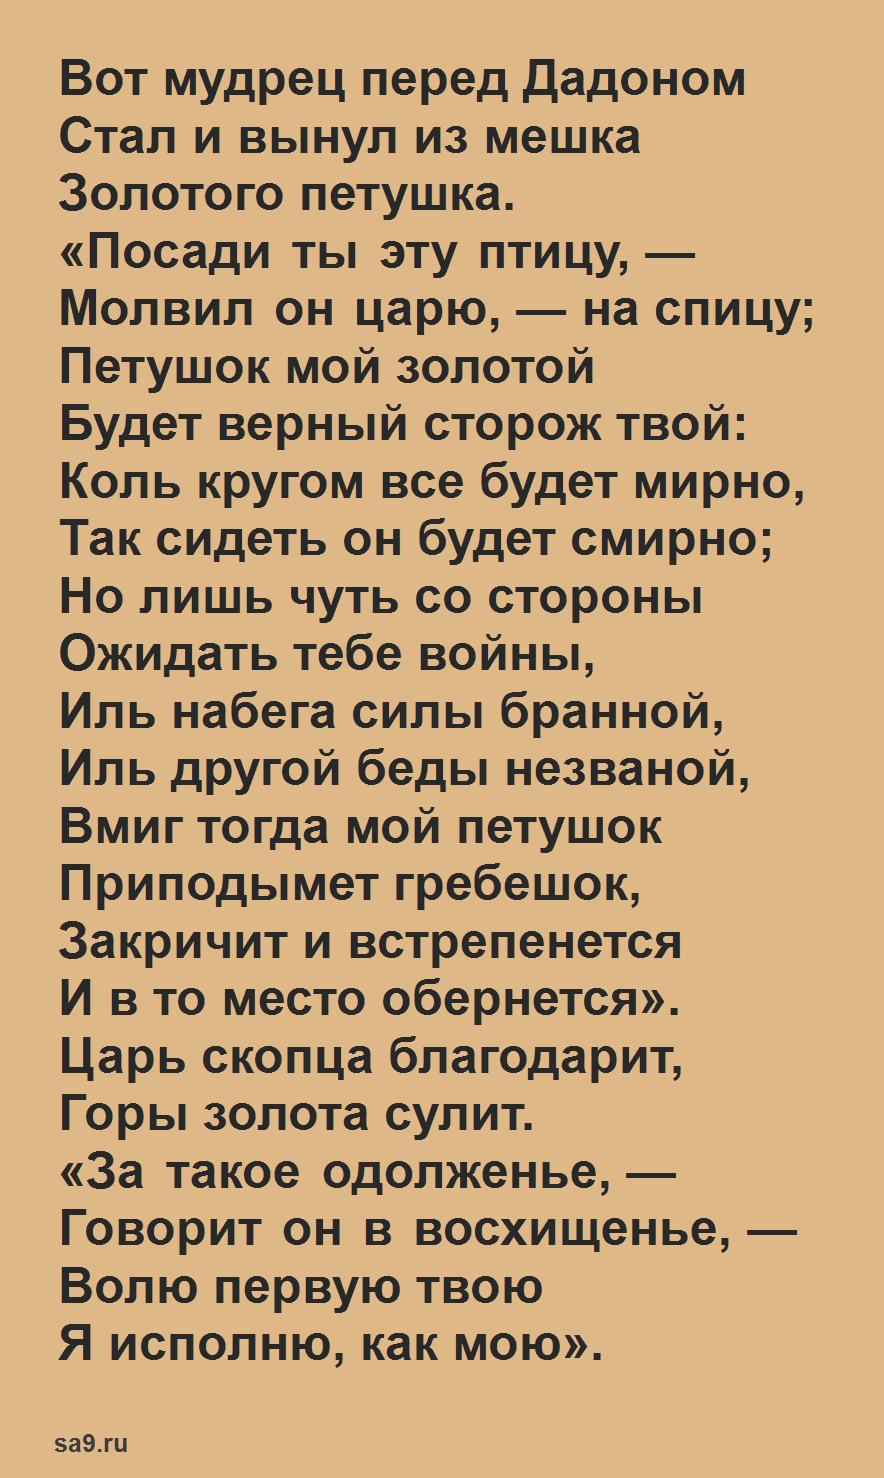 Пушкин сказка 'О золотом петушке'